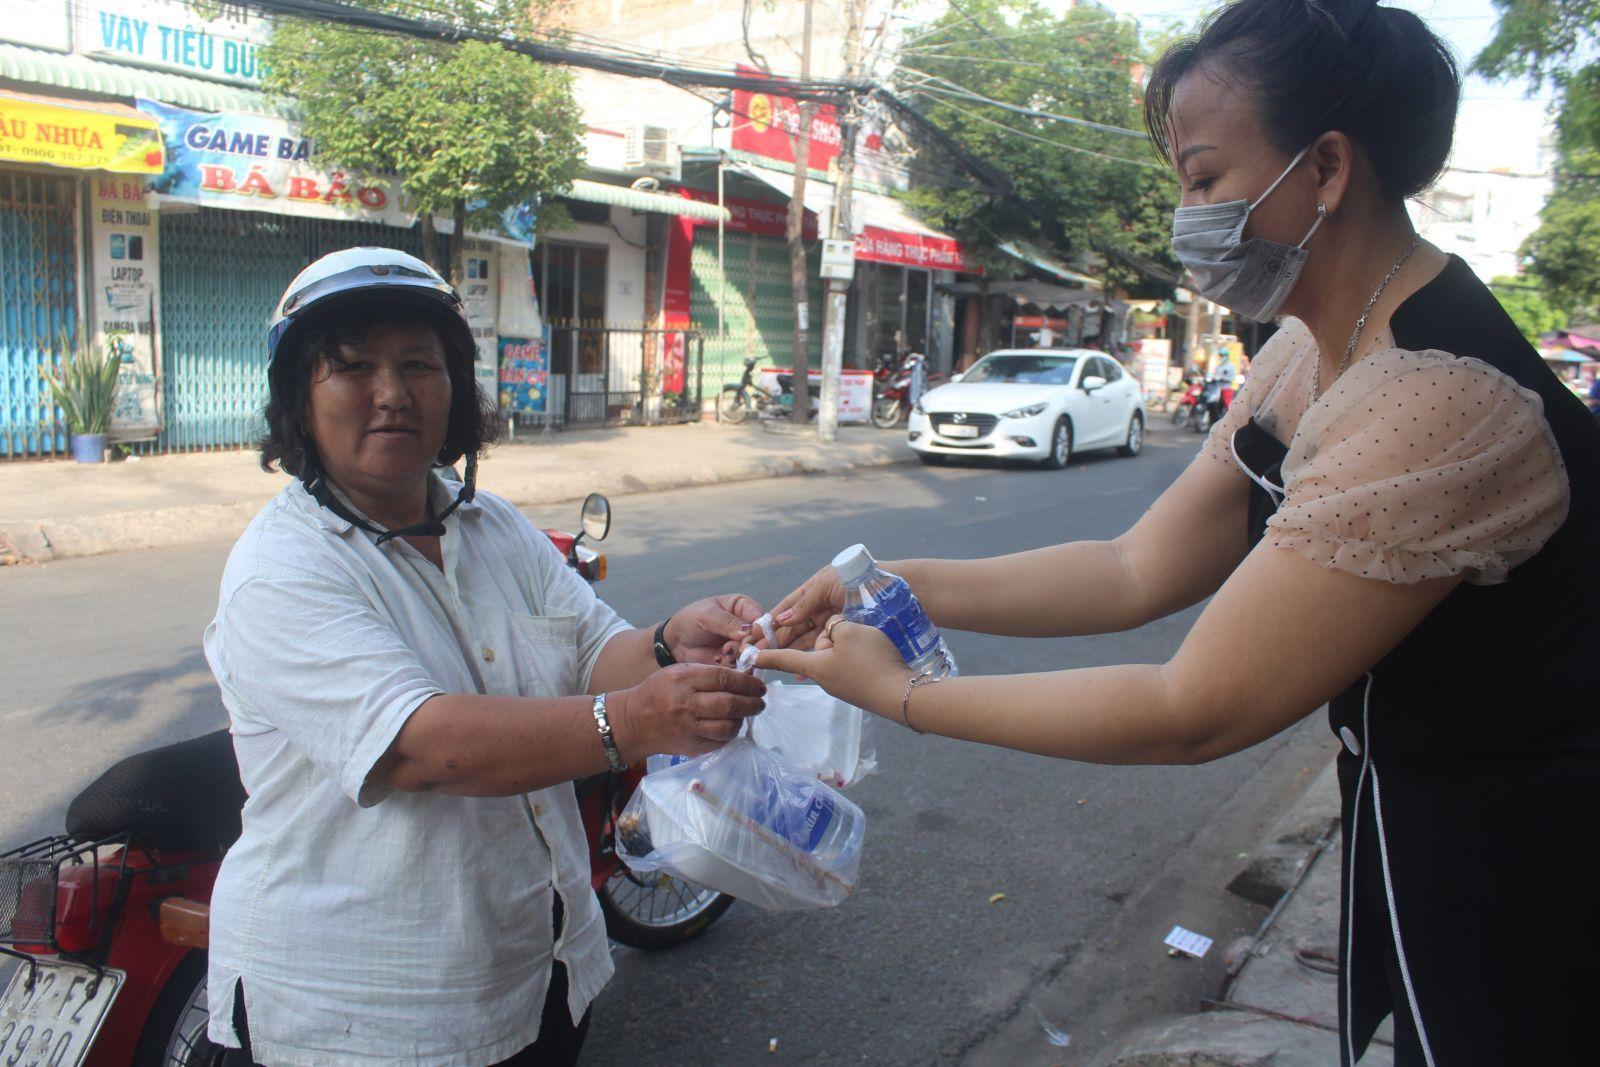 Chị Lê Thị Hoàng Yến phát suất ăn miễn phí cho người nghèo